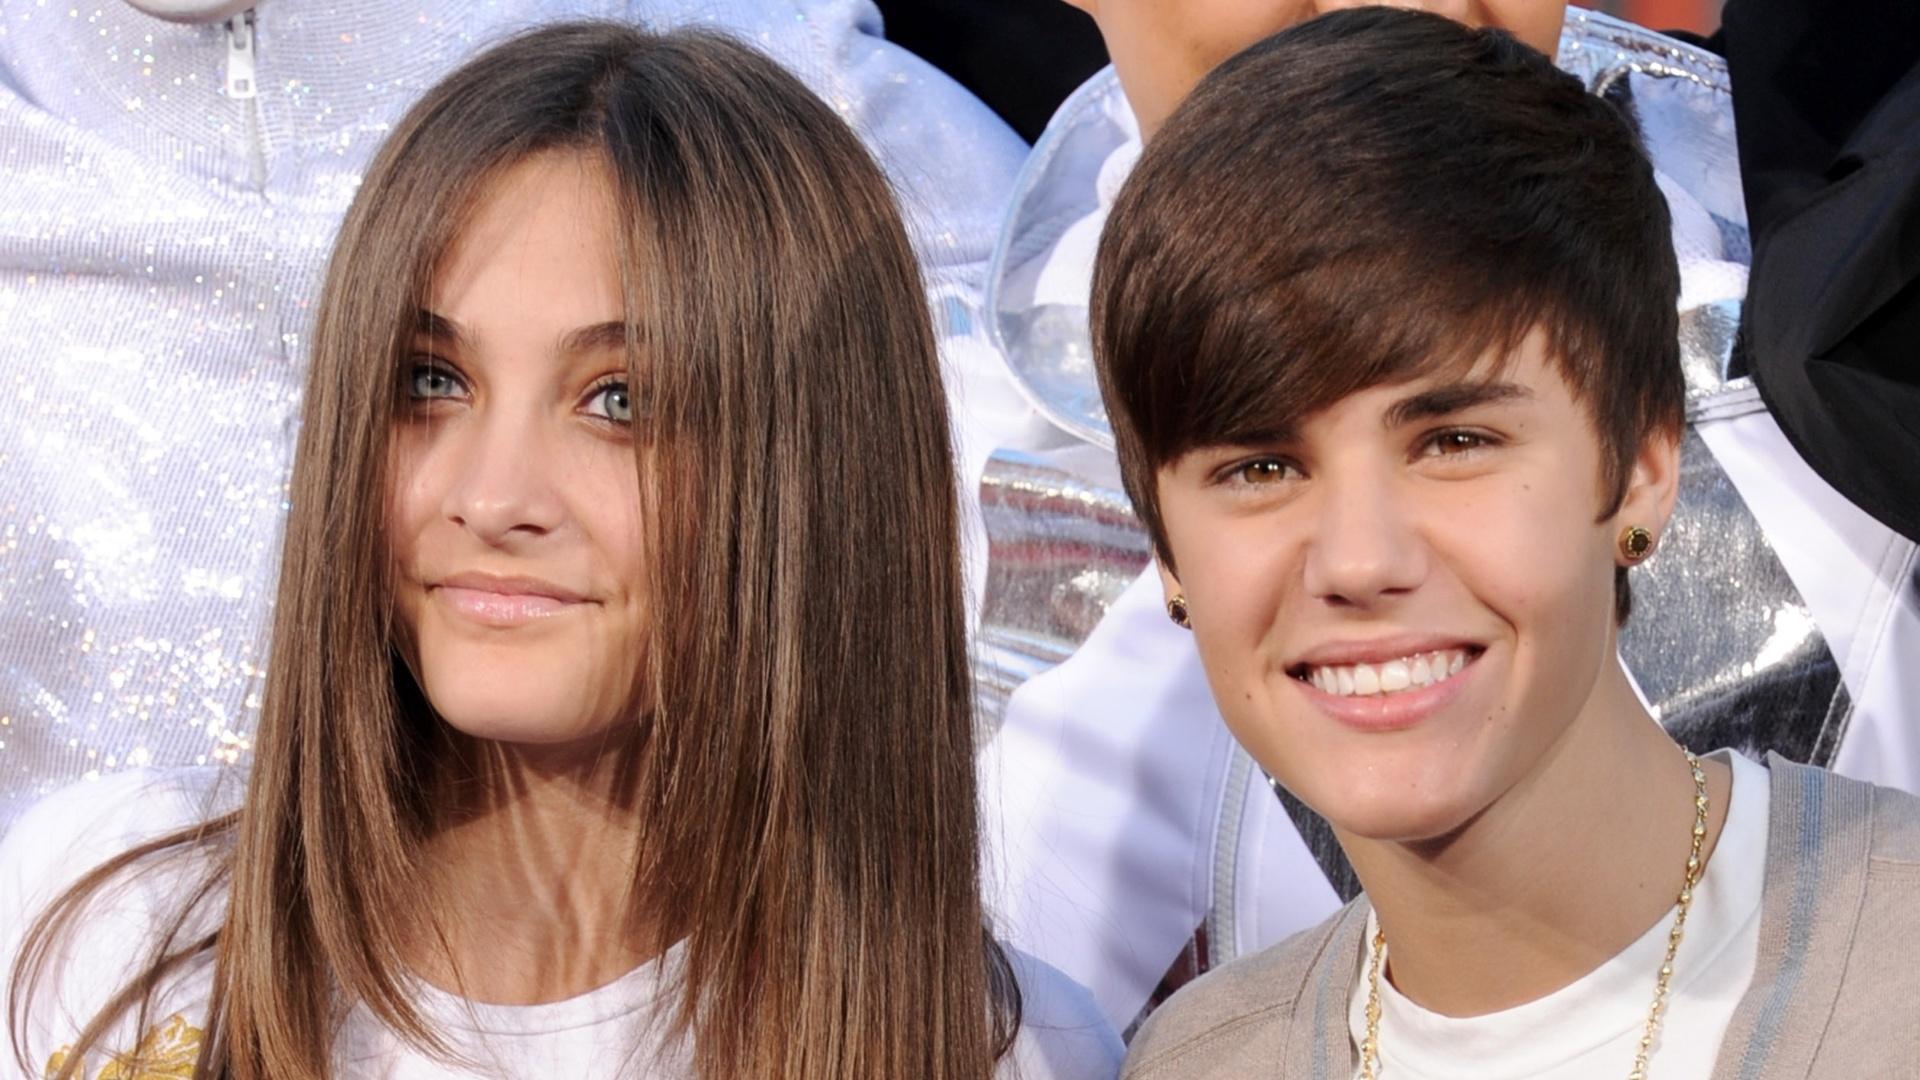 Paris Jackson com Justin Bieber no teatro chinês de Grauman em Los Angeles, Califórnia, em janeiro de 2012. Cantor foi homenageado e os herdeiros do Rei do Pop deixaram as marcas de suas mãos na Calçada da Fama